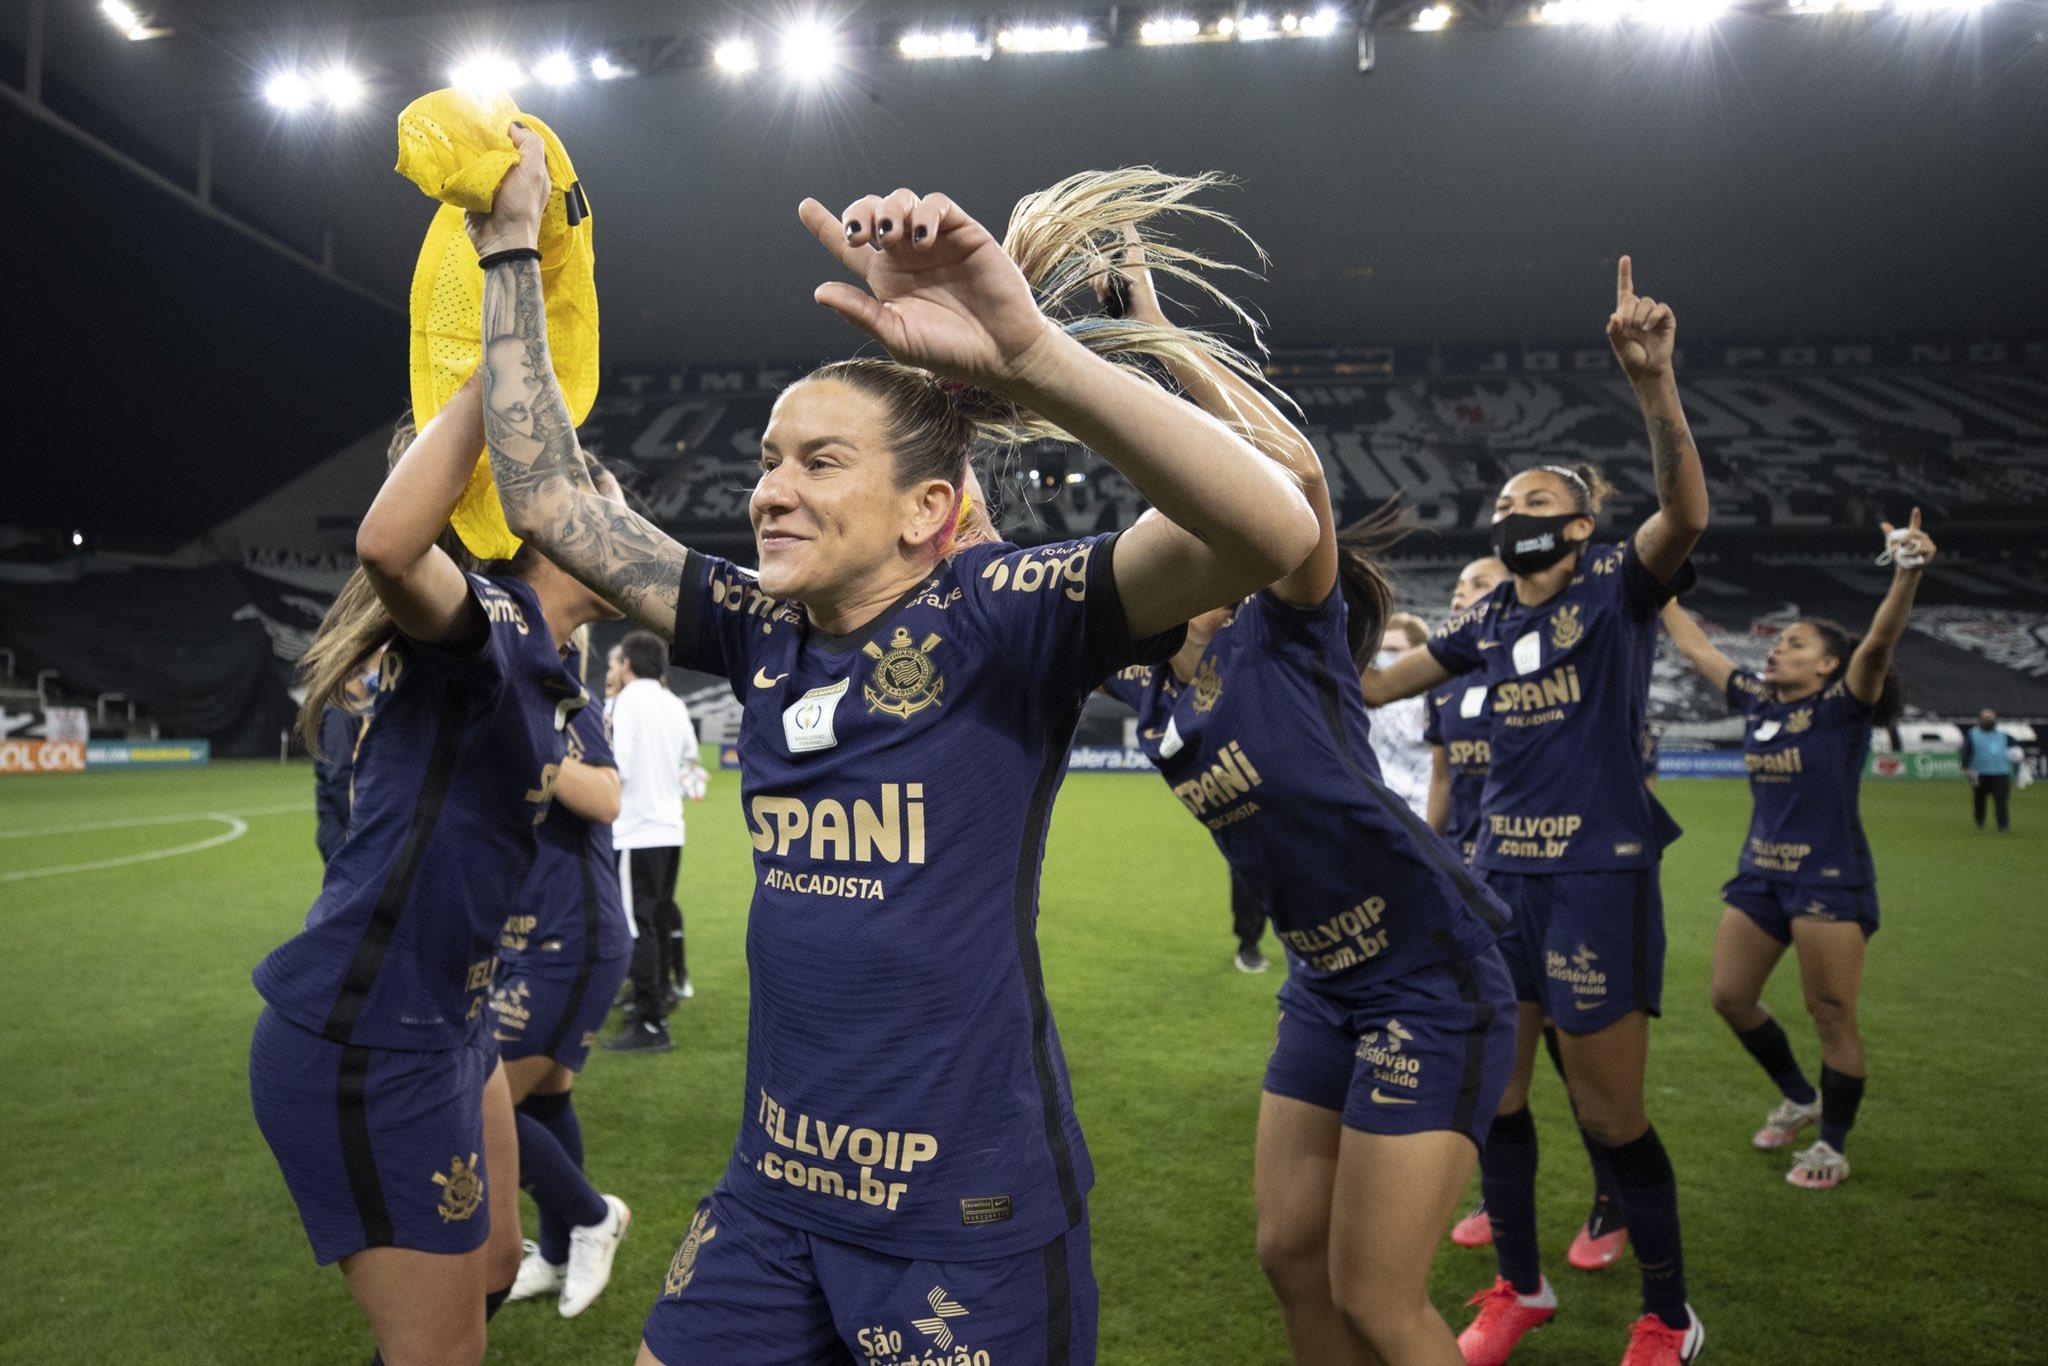 Premiação do Corinthians no Brasileirão Feminino é 113 vezes menor que a da Série A masculina